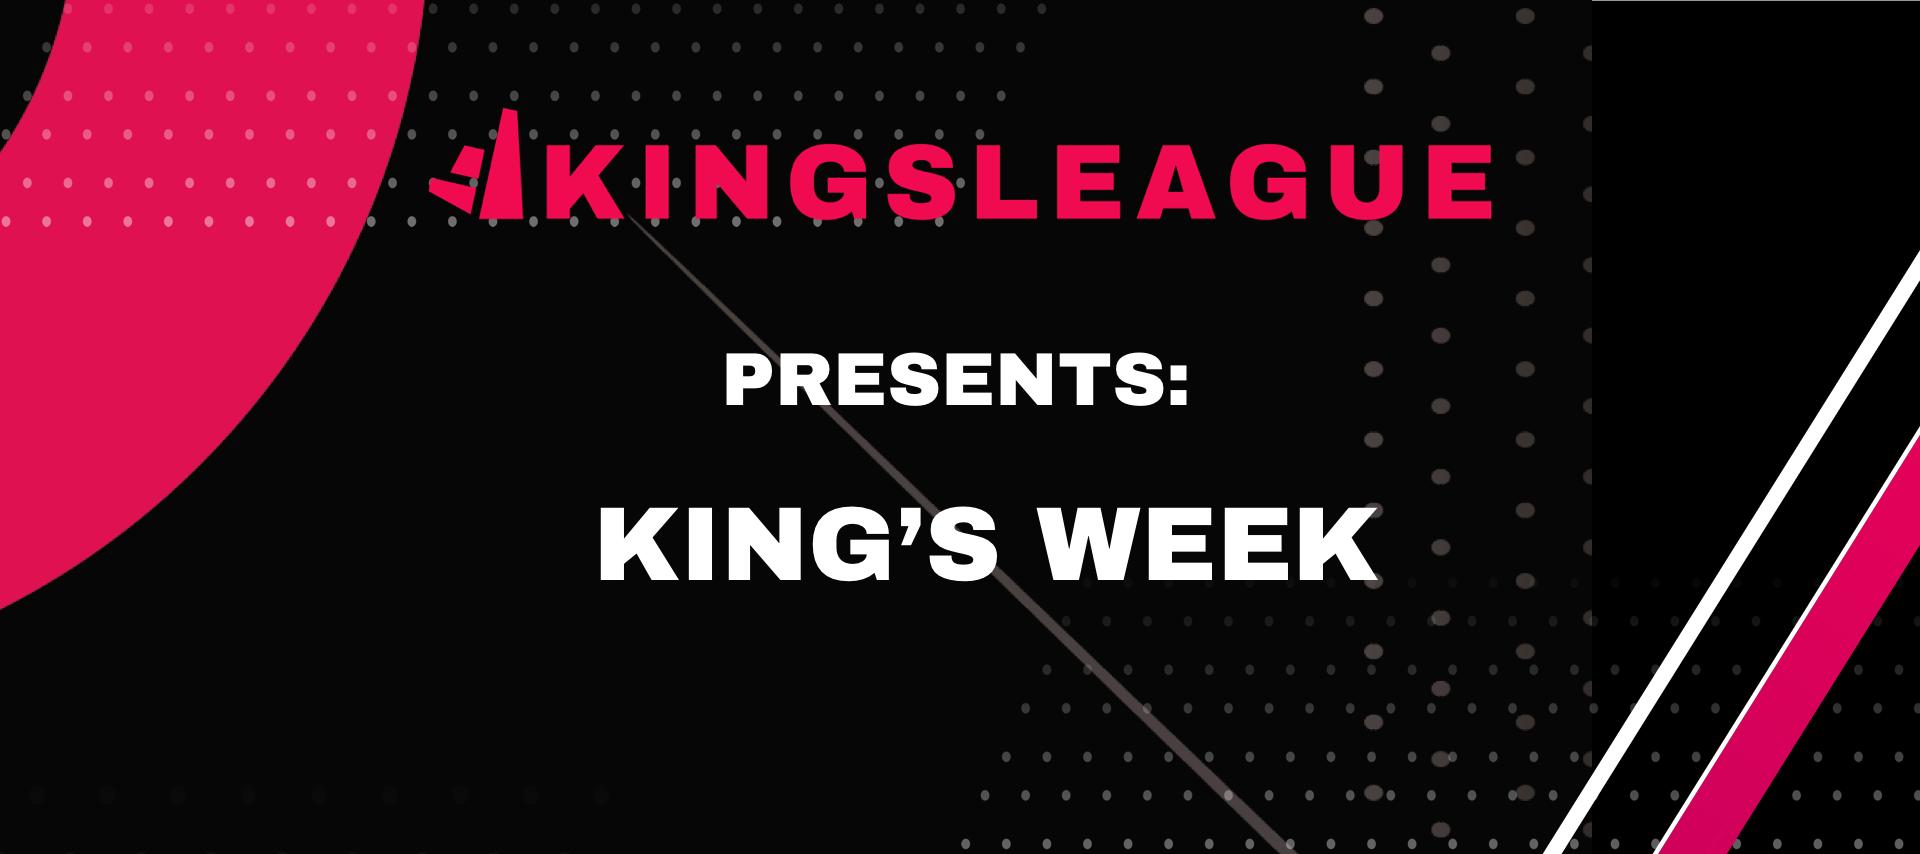 KINGSLEAGUE KINGS WEEK